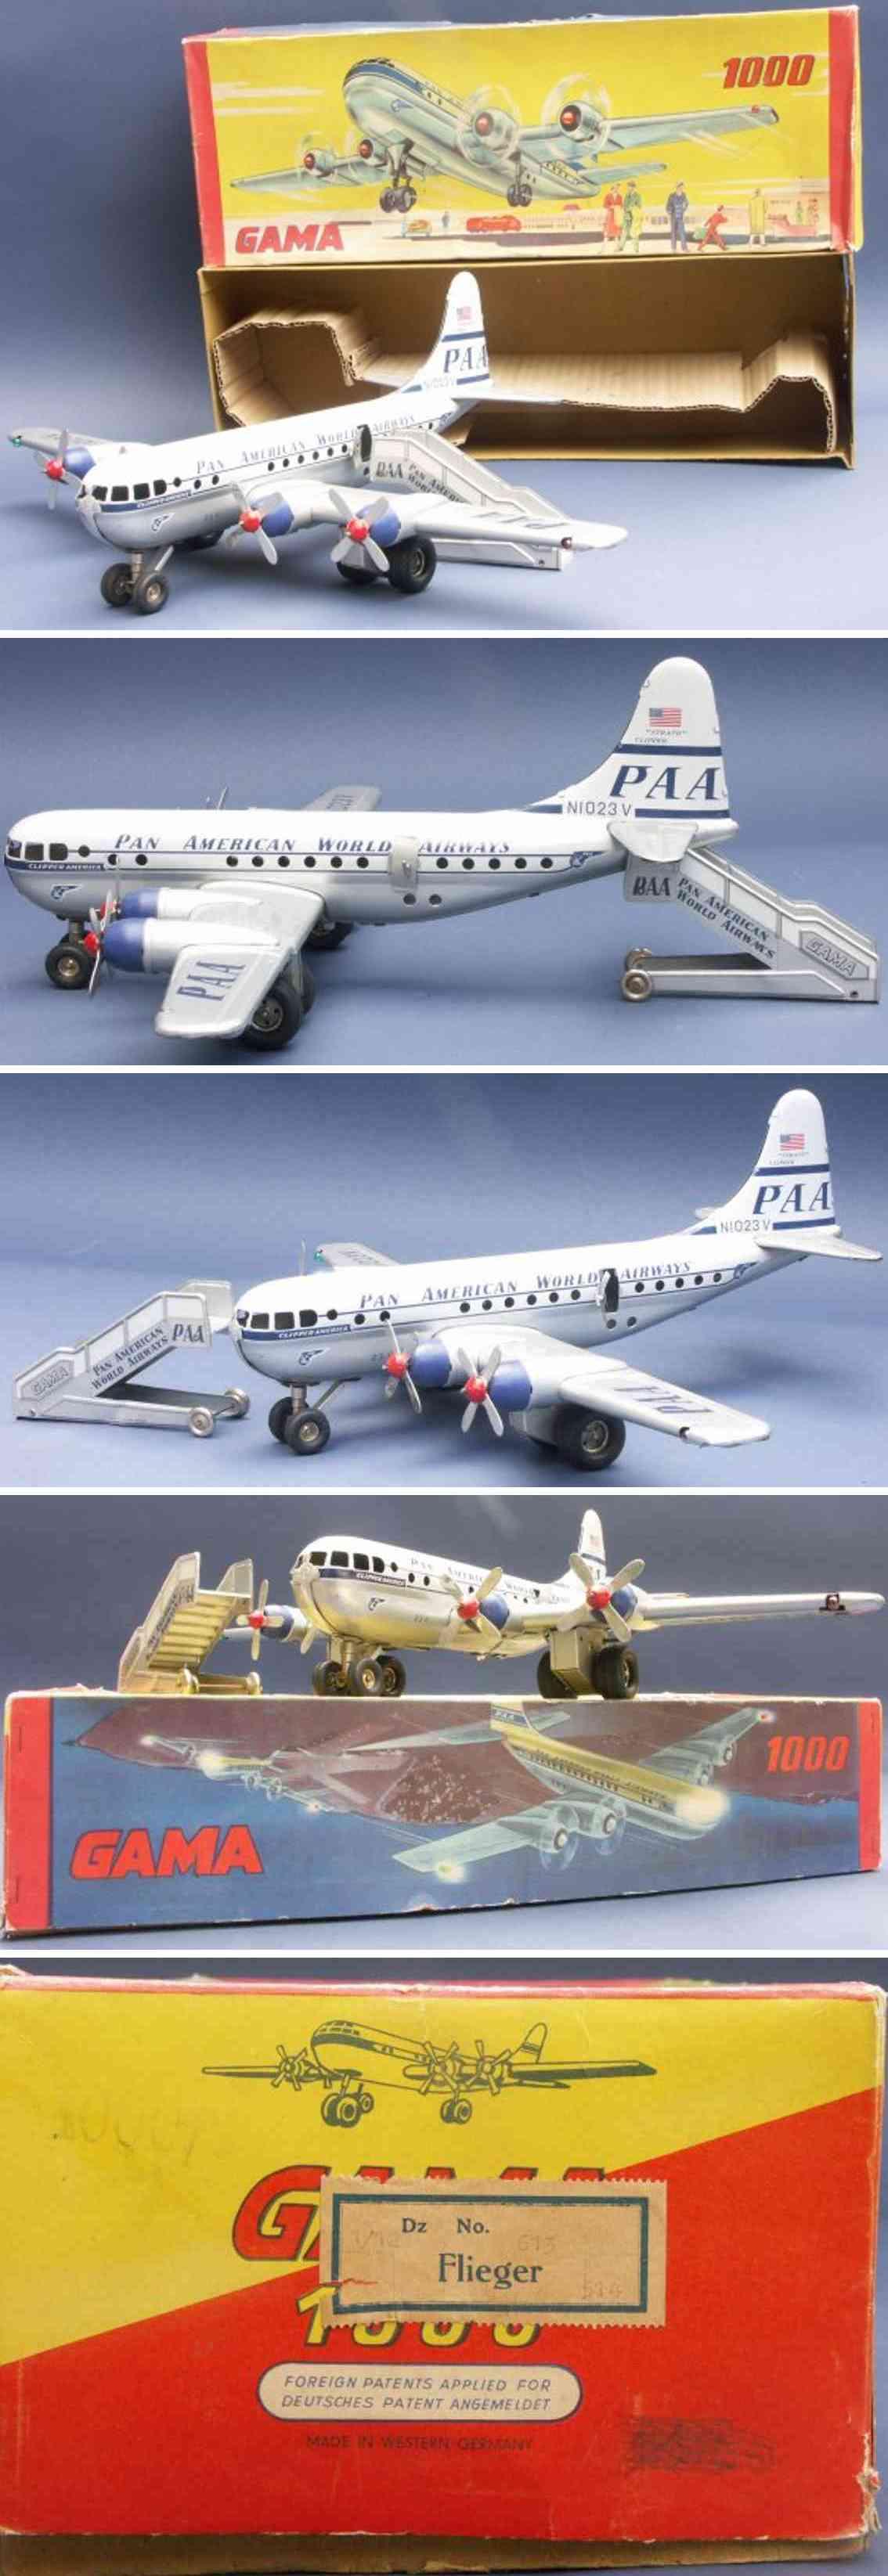 gama 1000/2 blech spielzeug flugzeug strato clipper der pan american world airways